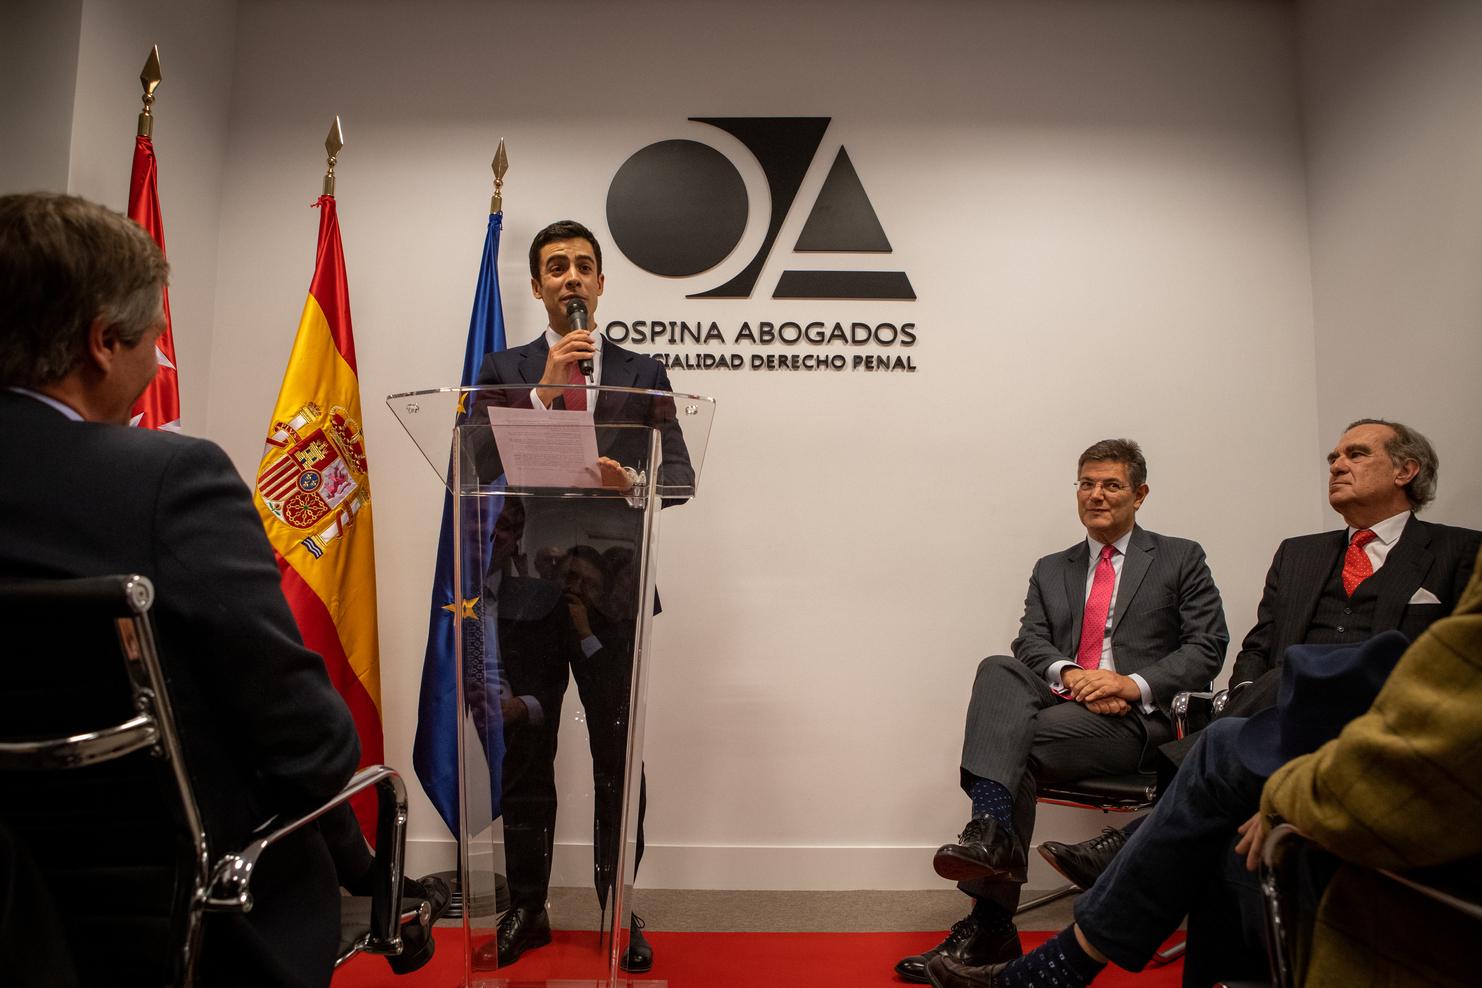 """Juan Gonzalo Ospina inaugura en Madrid la nueva sede Ospina Abogados: """"…esta será la casa del derecho de defensa"""""""